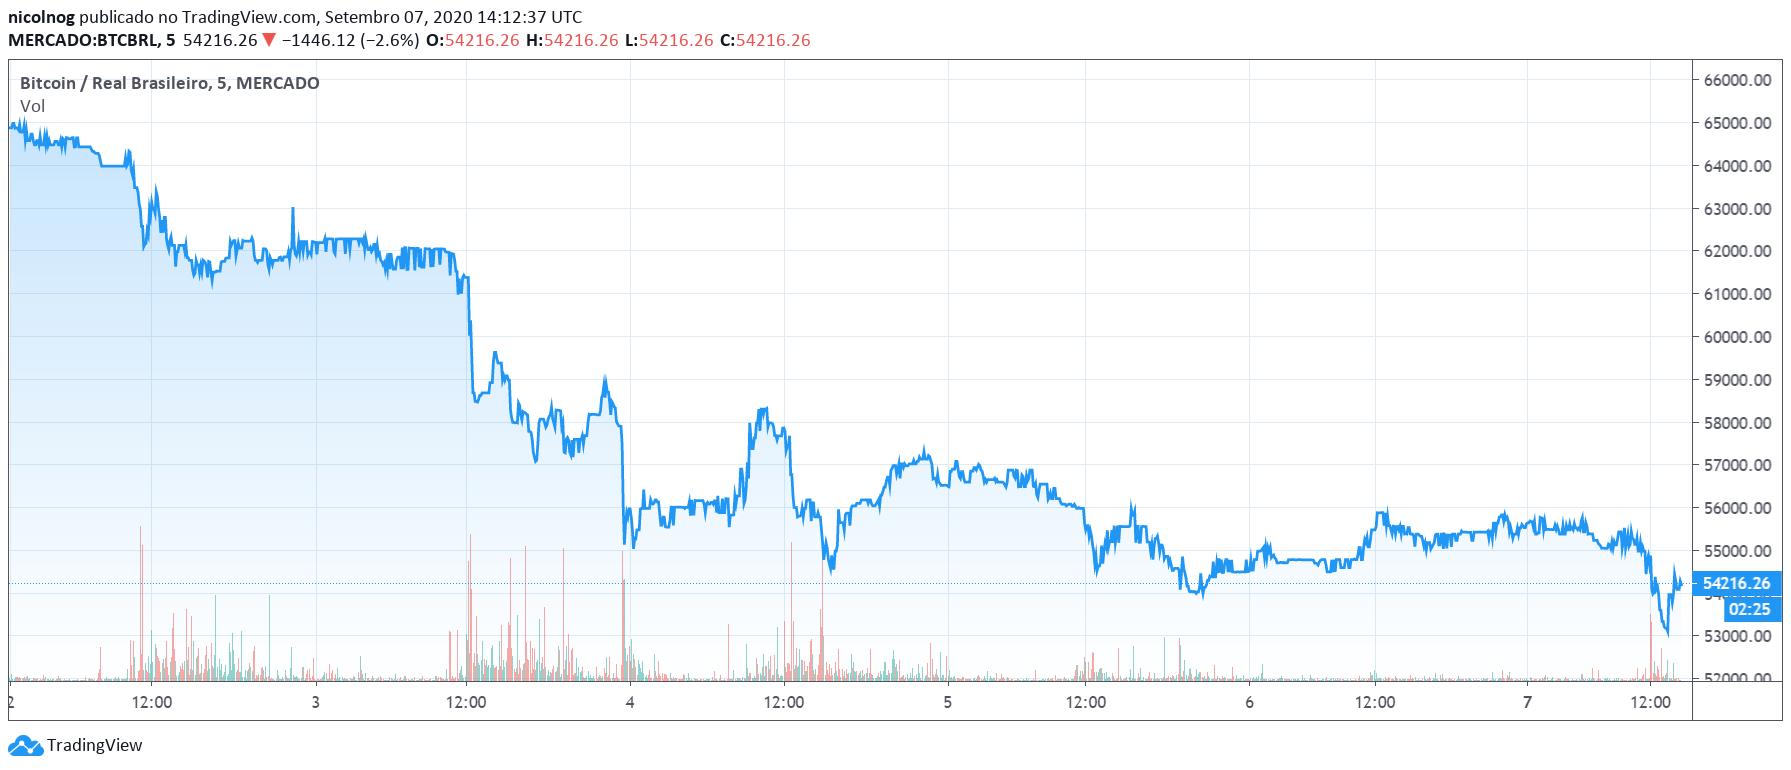 Preço do BTC nos últimos cinco dias